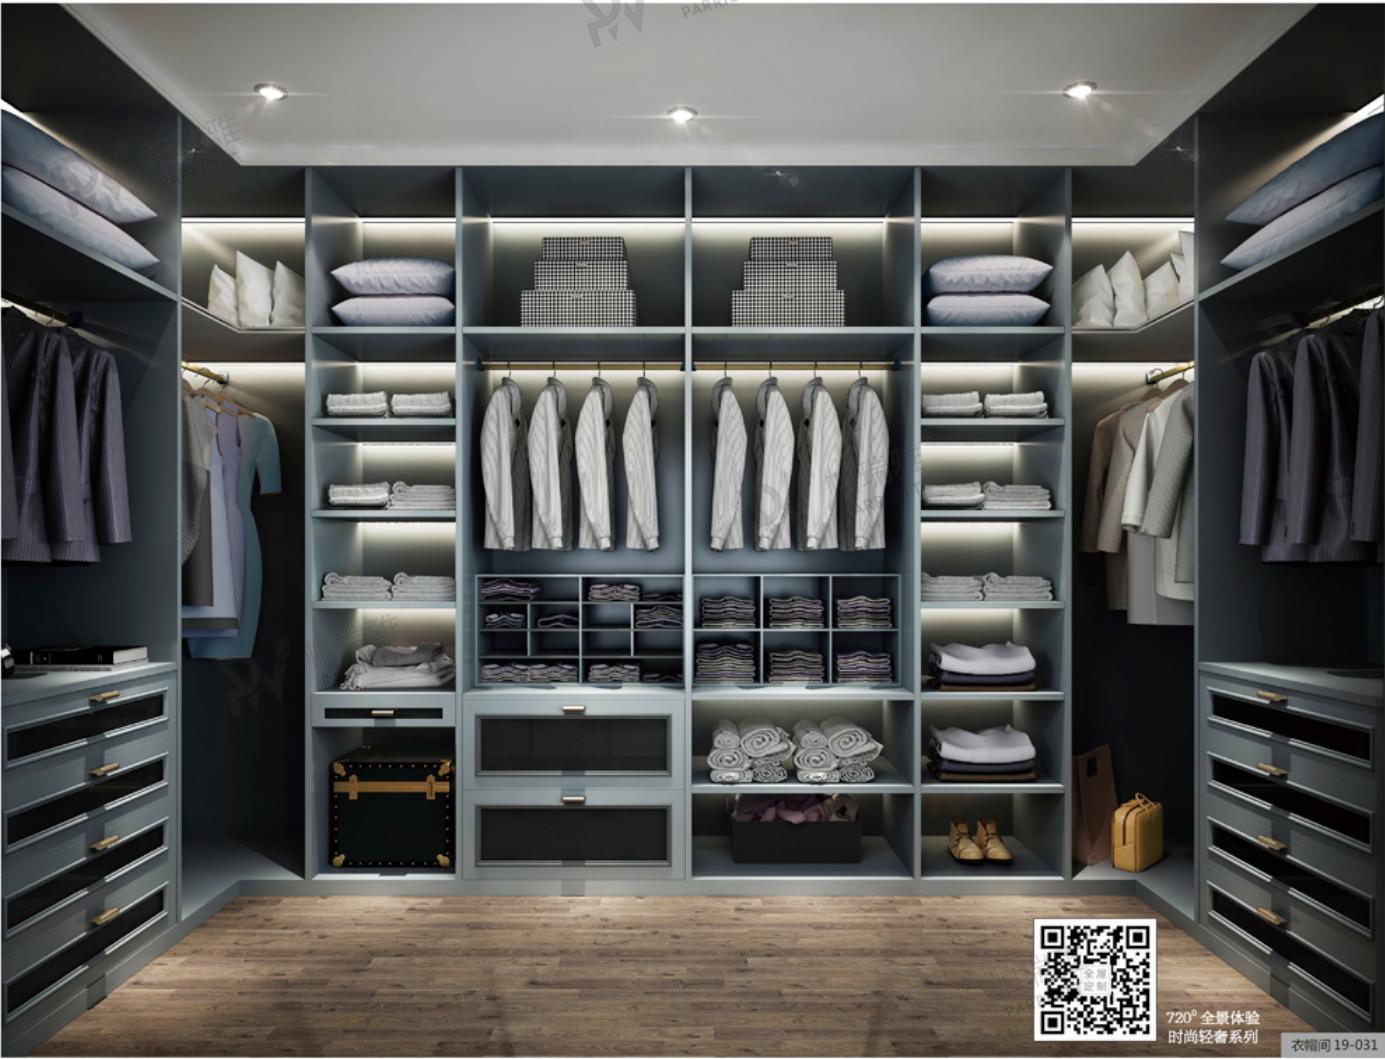 Kaufen Begehbarer Kleiderschrank;Begehbarer Kleiderschrank Preis;Begehbarer Kleiderschrank Marken;Begehbarer Kleiderschrank Hersteller;Begehbarer Kleiderschrank Zitat;Begehbarer Kleiderschrank Unternehmen